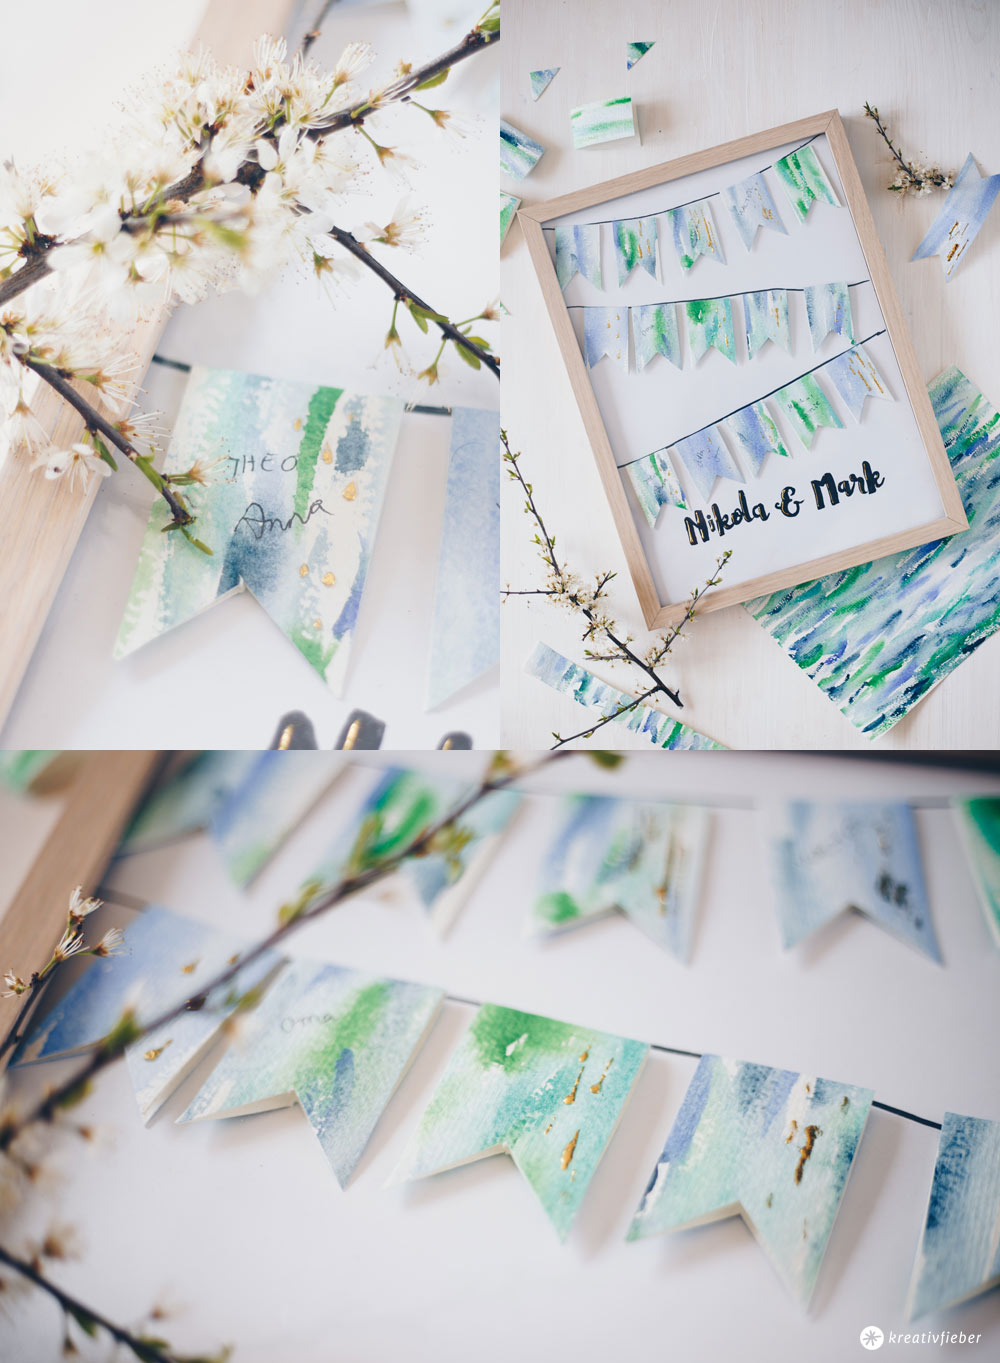 DIY Gästebuchposter zur Hochzeit selbermachen - Wimpelkette mit Wasserfarben Look - DIY Hochzeitsgeschenk Idee